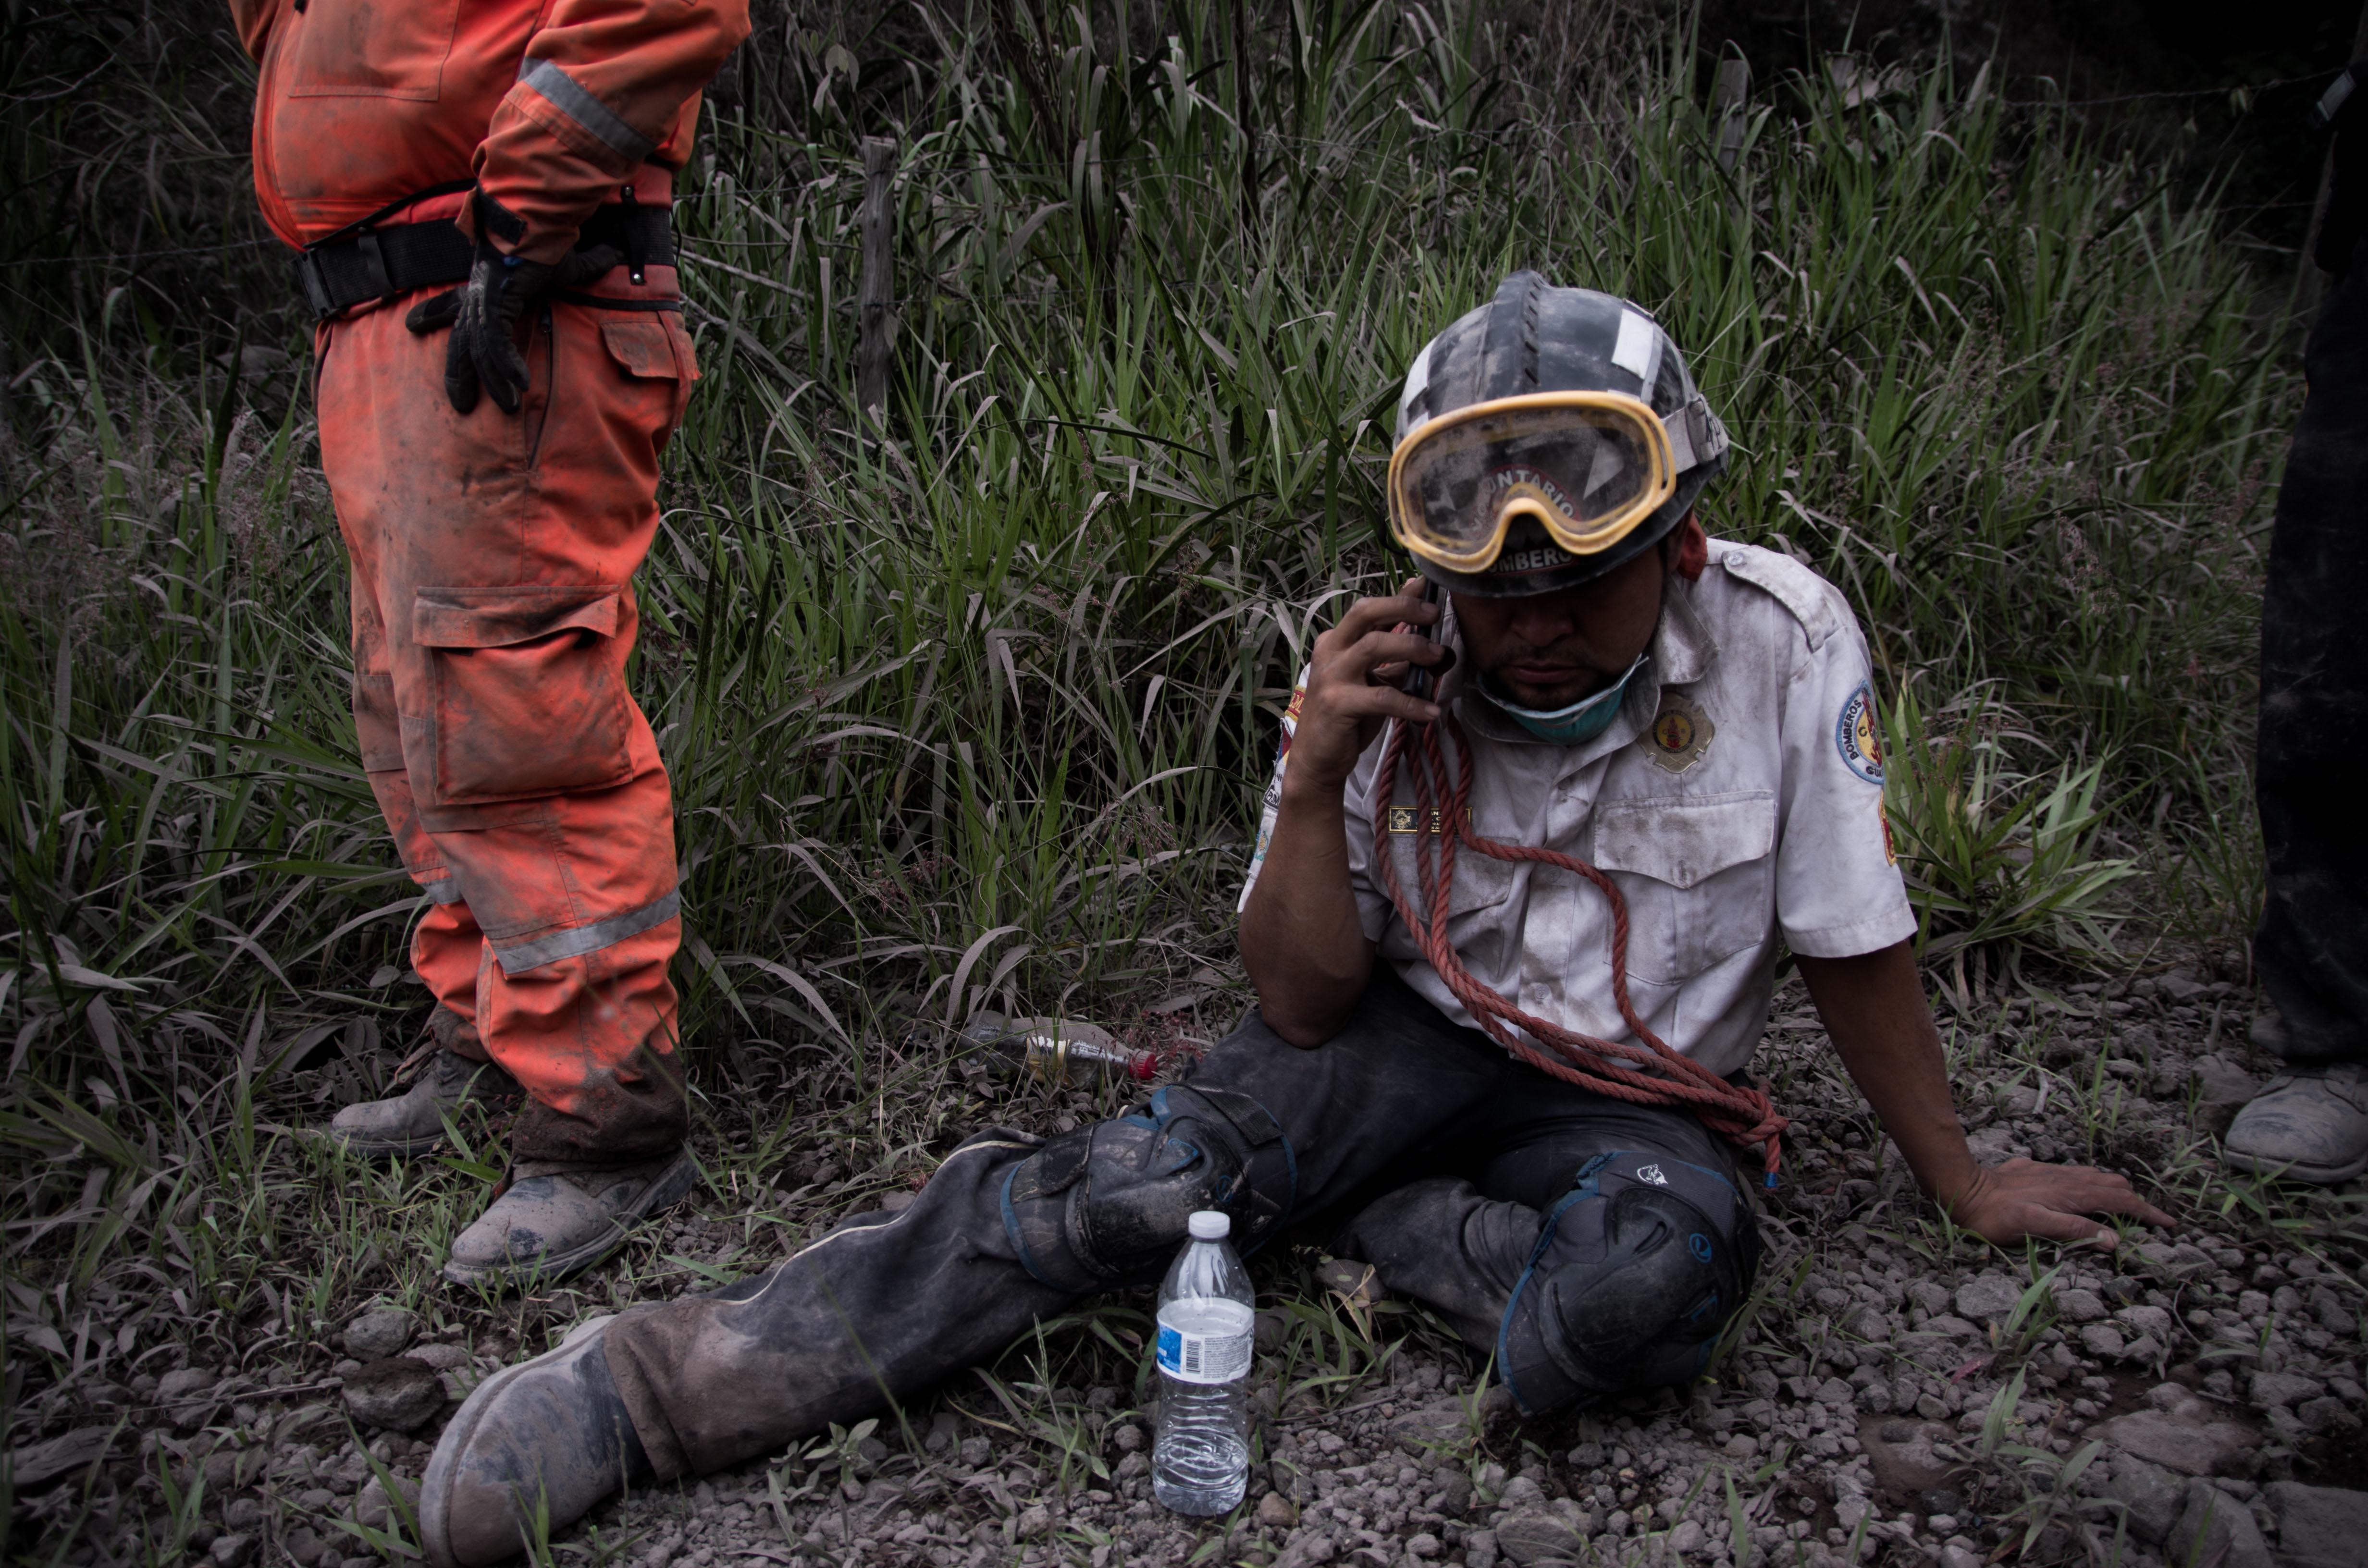 Un bombero de Guatemala descansa en la aldea El Porvenir luego de la erupción del volcán de Fuego(EFE/JOSE MISA)